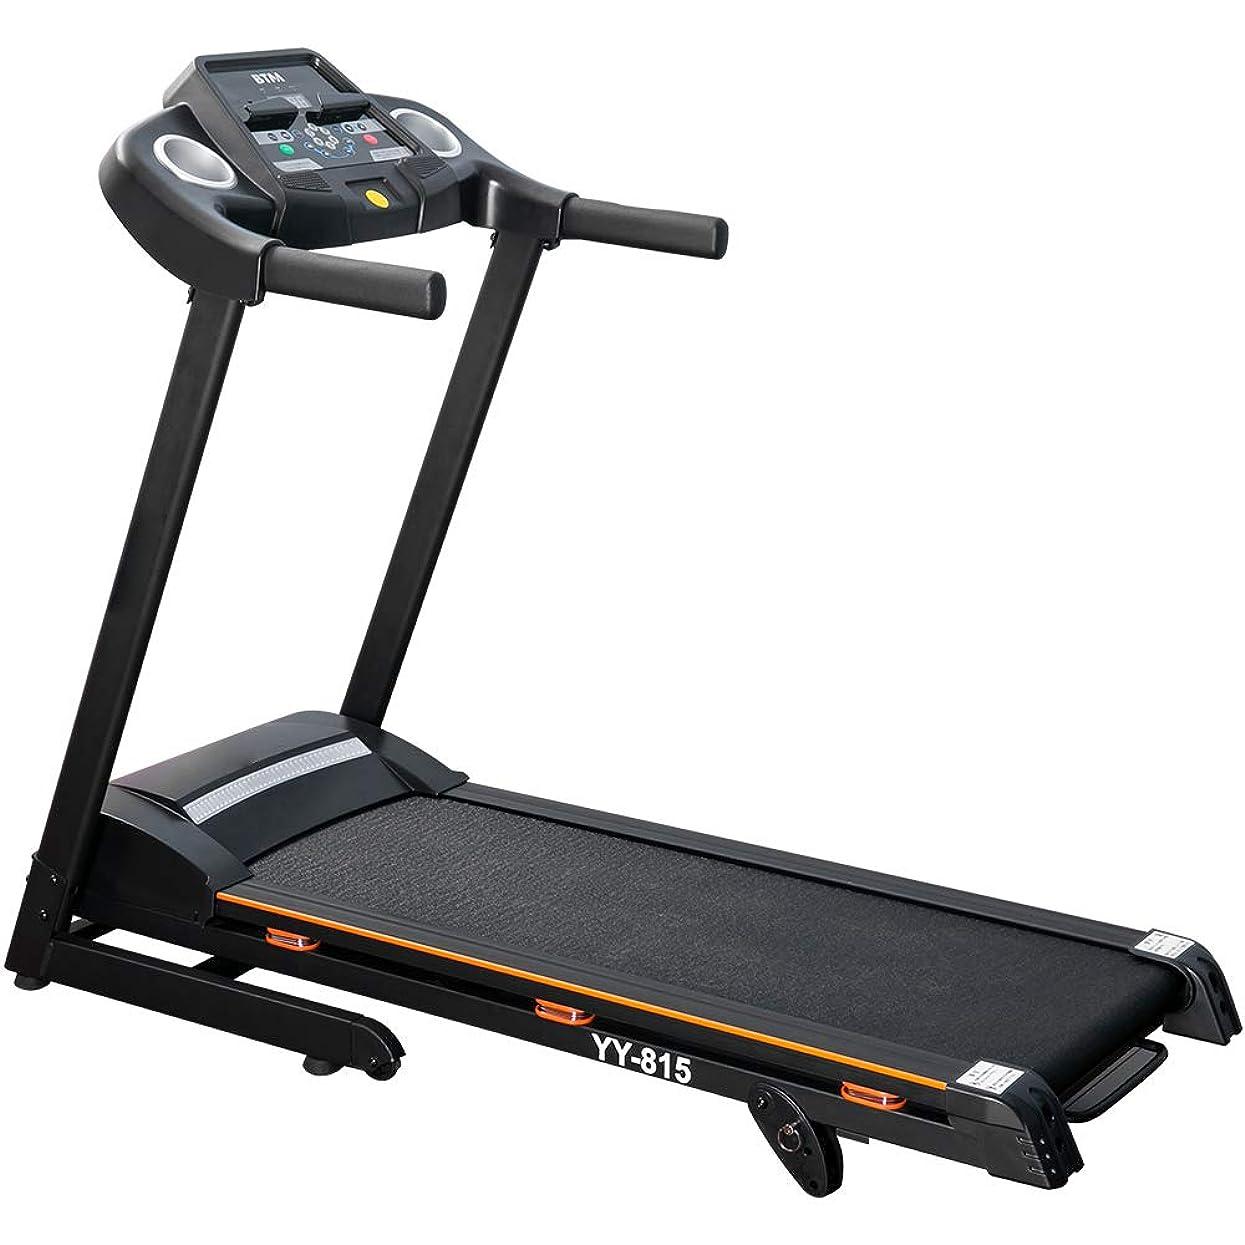 幸福部絶望的な高機能ルームランナートレーニングマシン プログラム機能 折りたたみ美脚トレーニング 電動ルームランナー ランニングマシン ランニングマシーン ウォーキングマシン